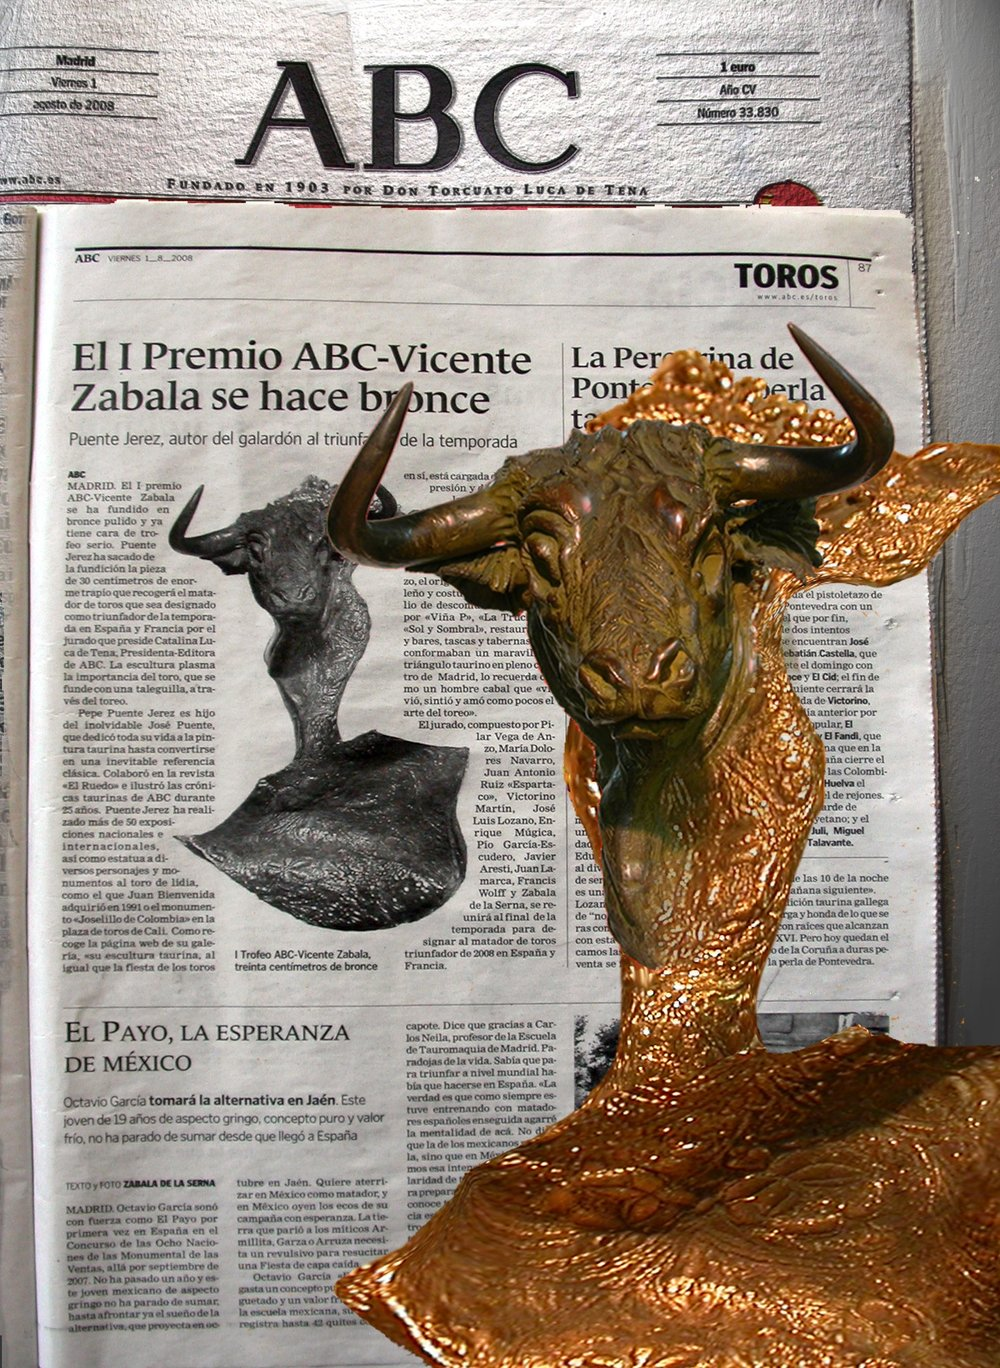 EL 1 PREMIO ABC SE HACE BRONCE.jpg